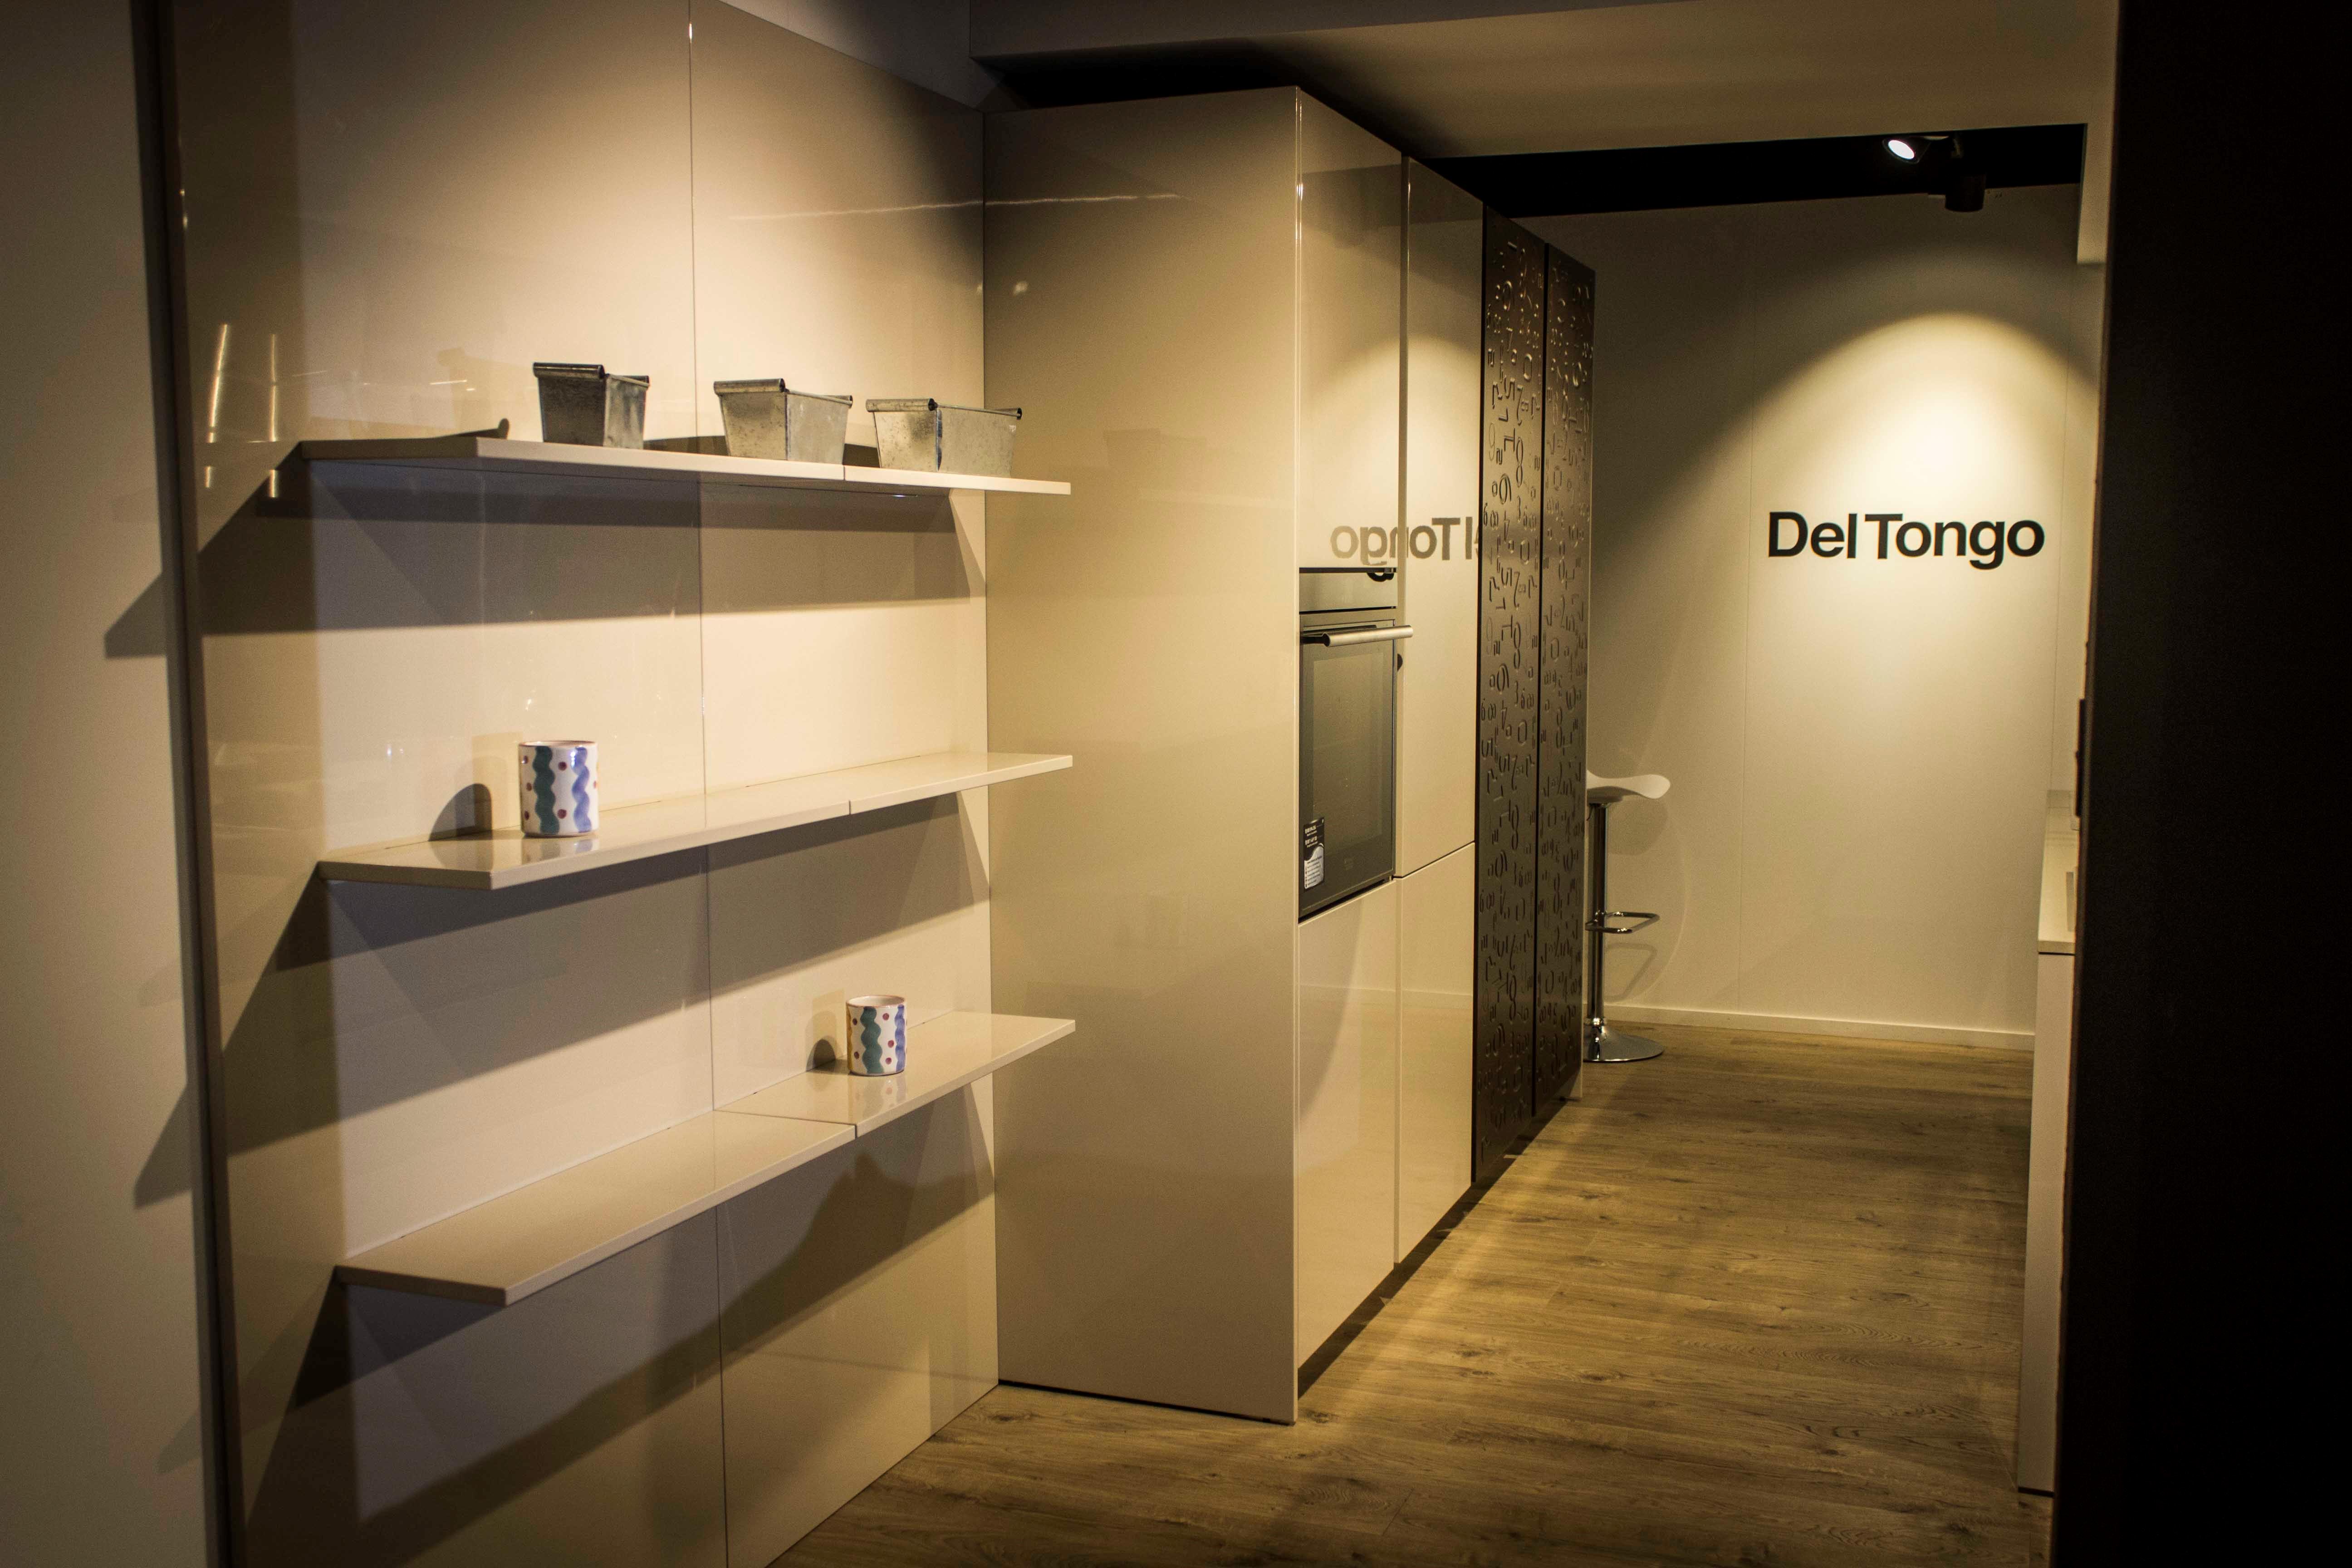 Cucina Creta Del Tongo ~ Il Meglio Del Design D\'interni e Delle Idee ...